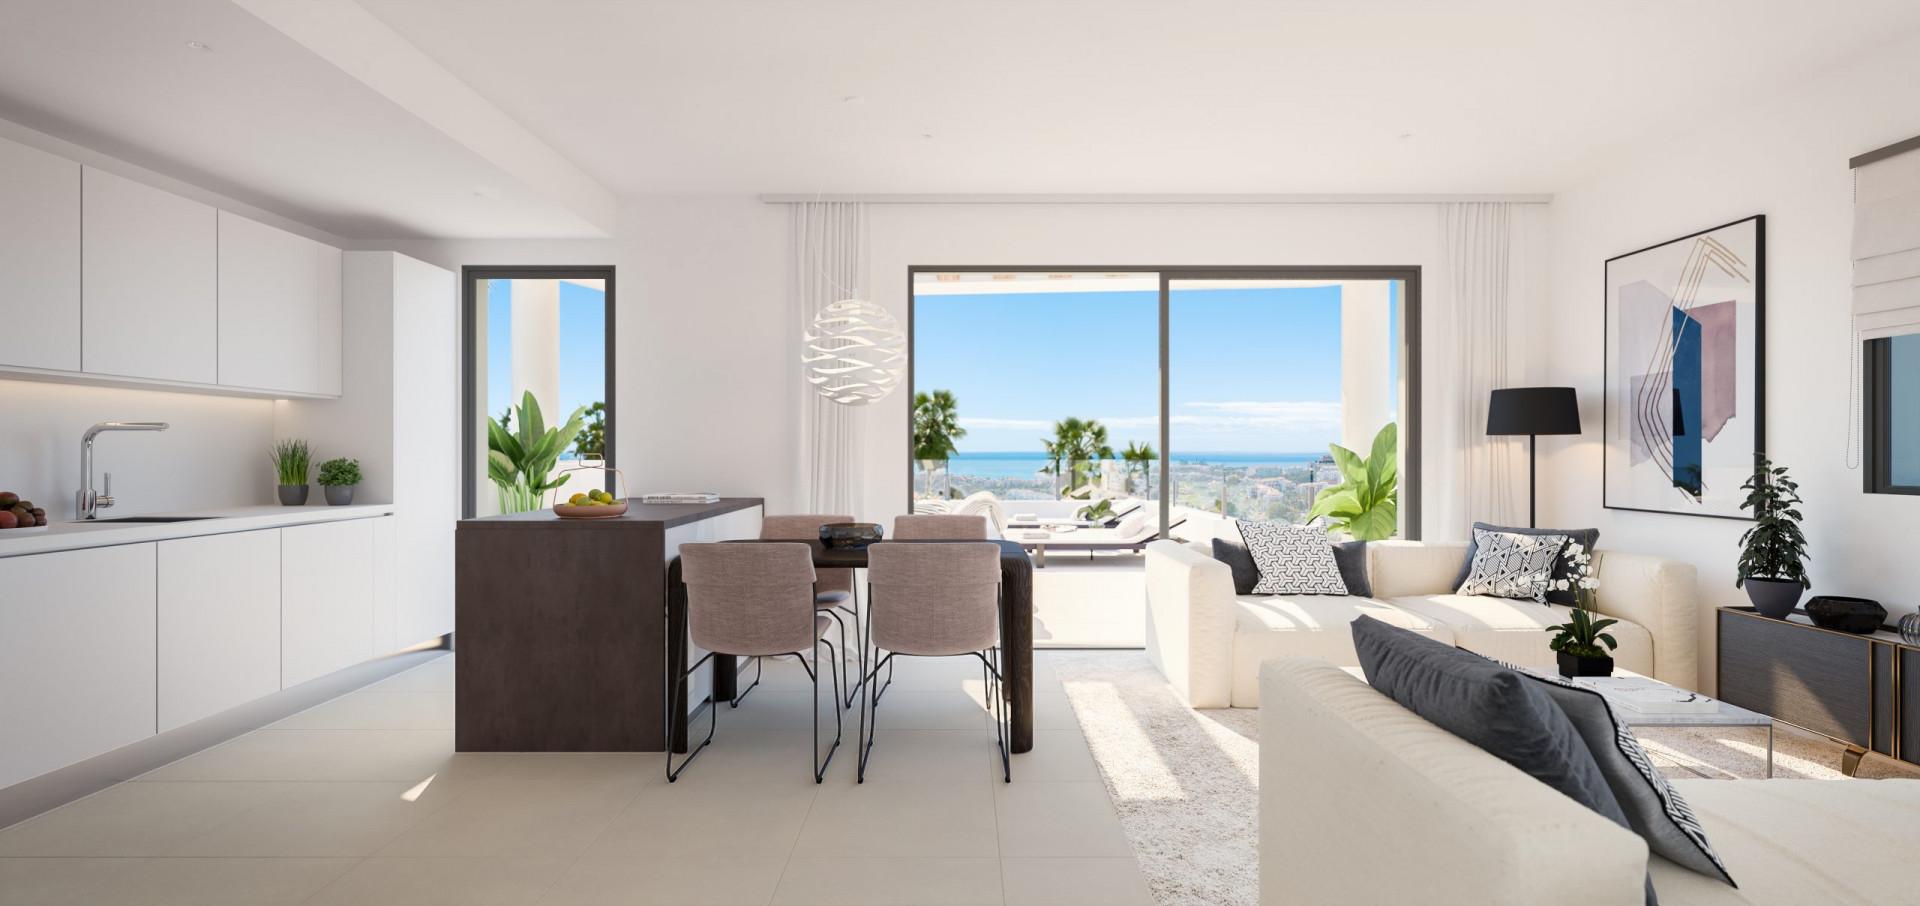 Moderne nieuwbouw met prachtig zee-en bergzicht in La Cala de Mijas.PL160